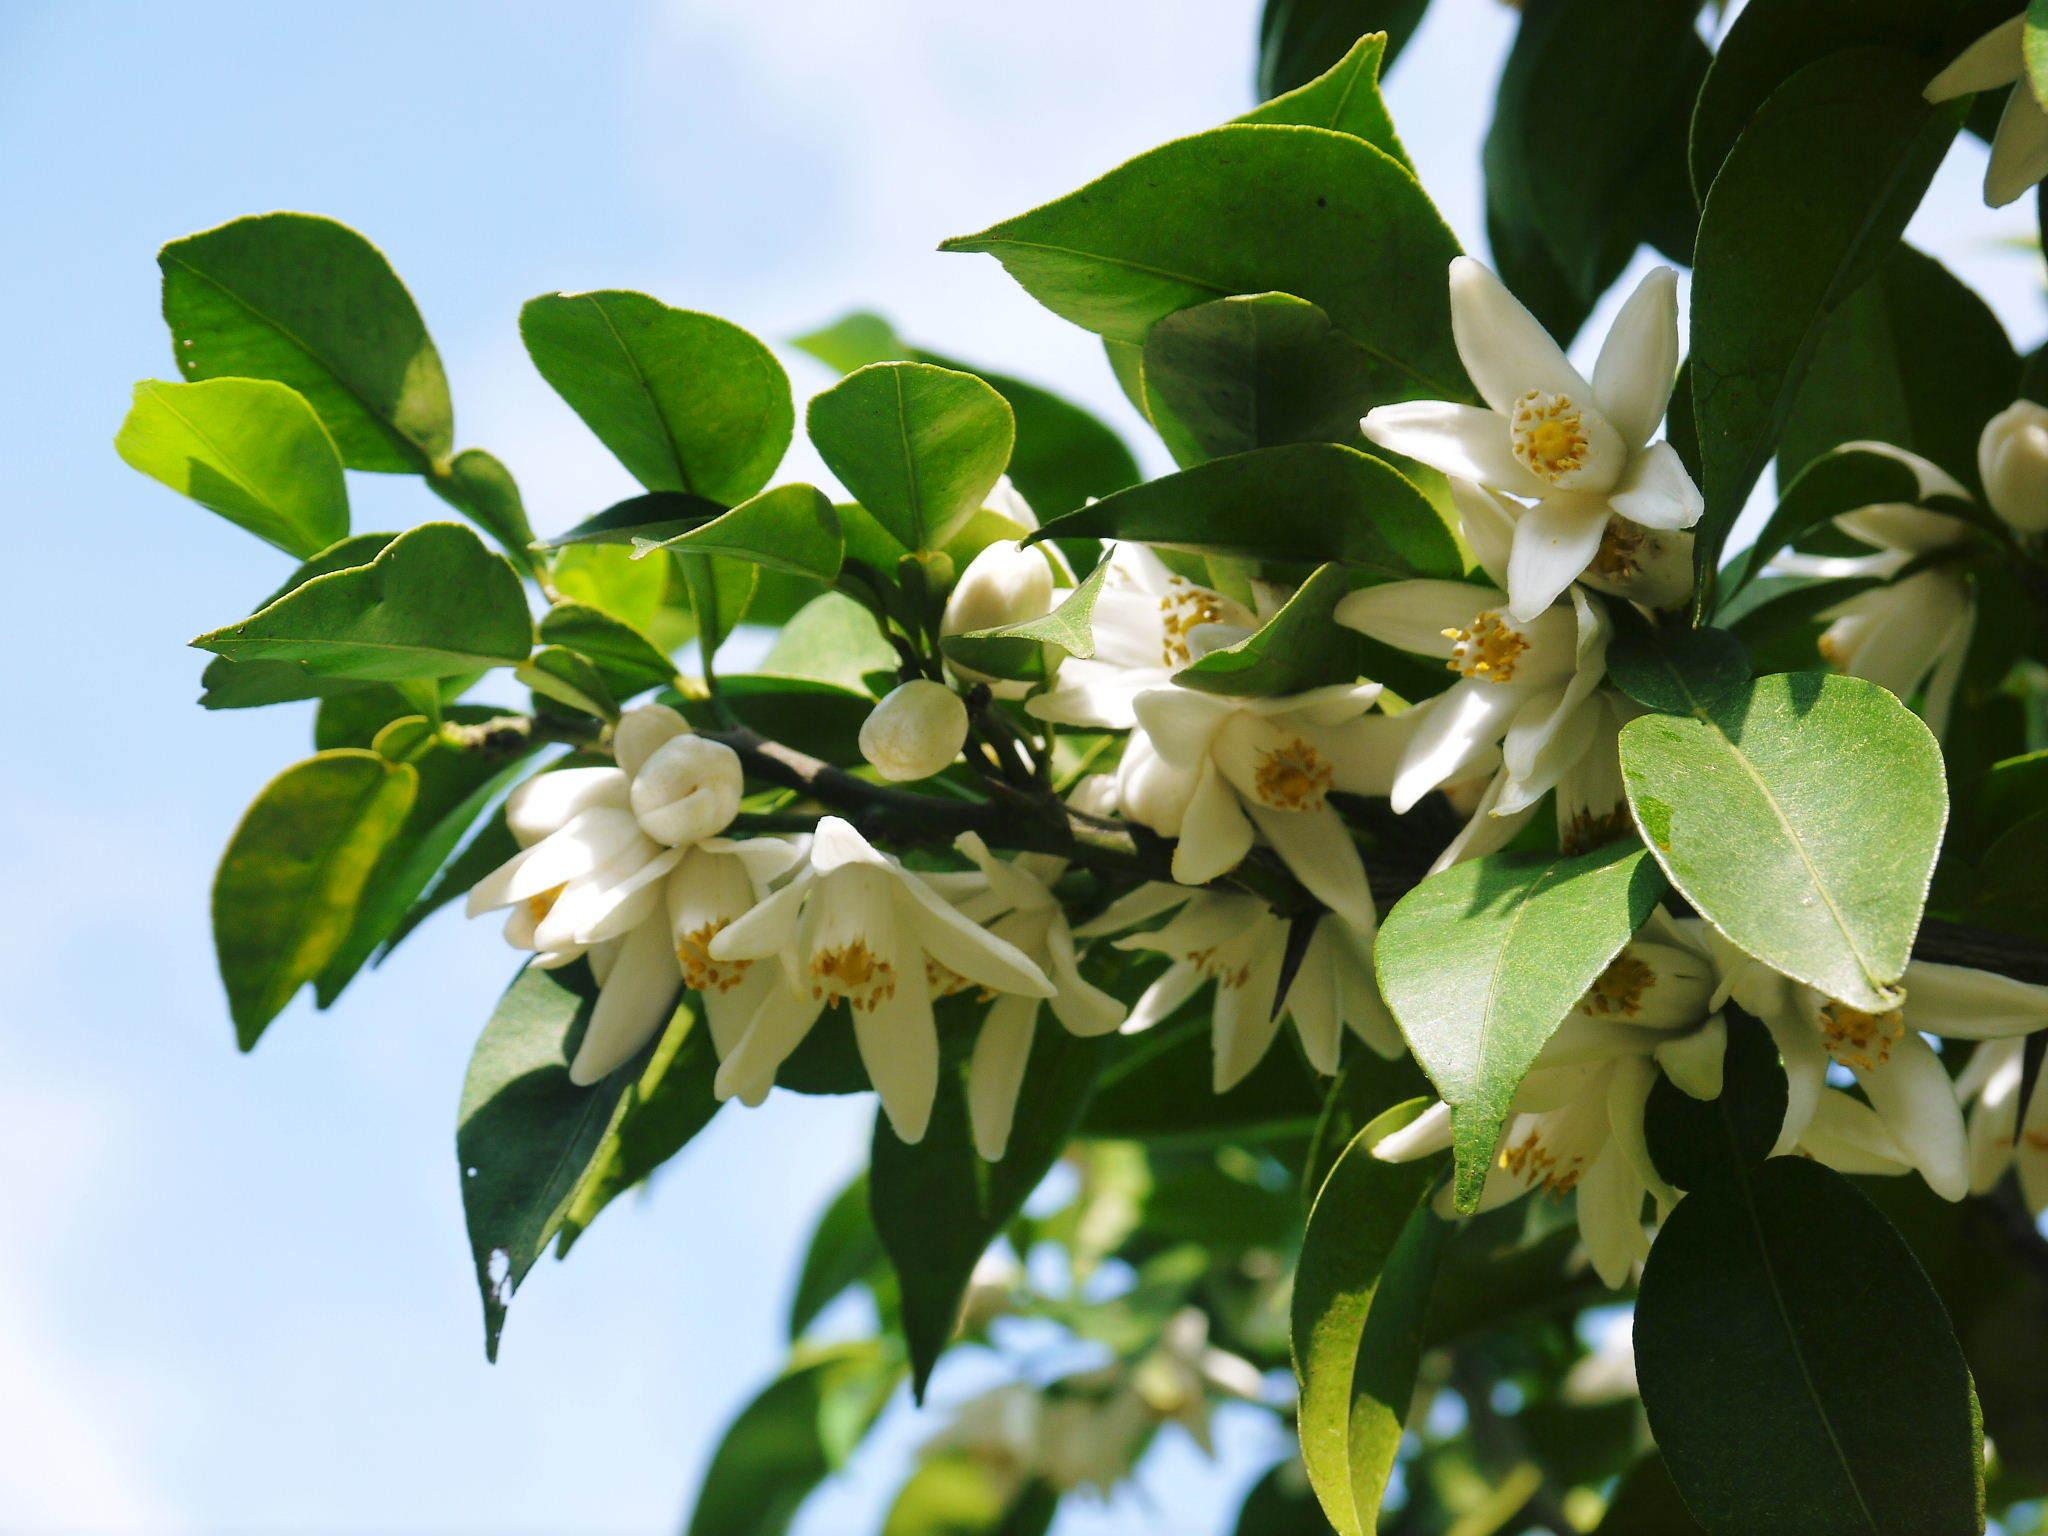 香り高き柚子(ゆず) 今年も元気な花が咲き誇ってます!柚子の花(2020)_a0254656_19041868.jpg